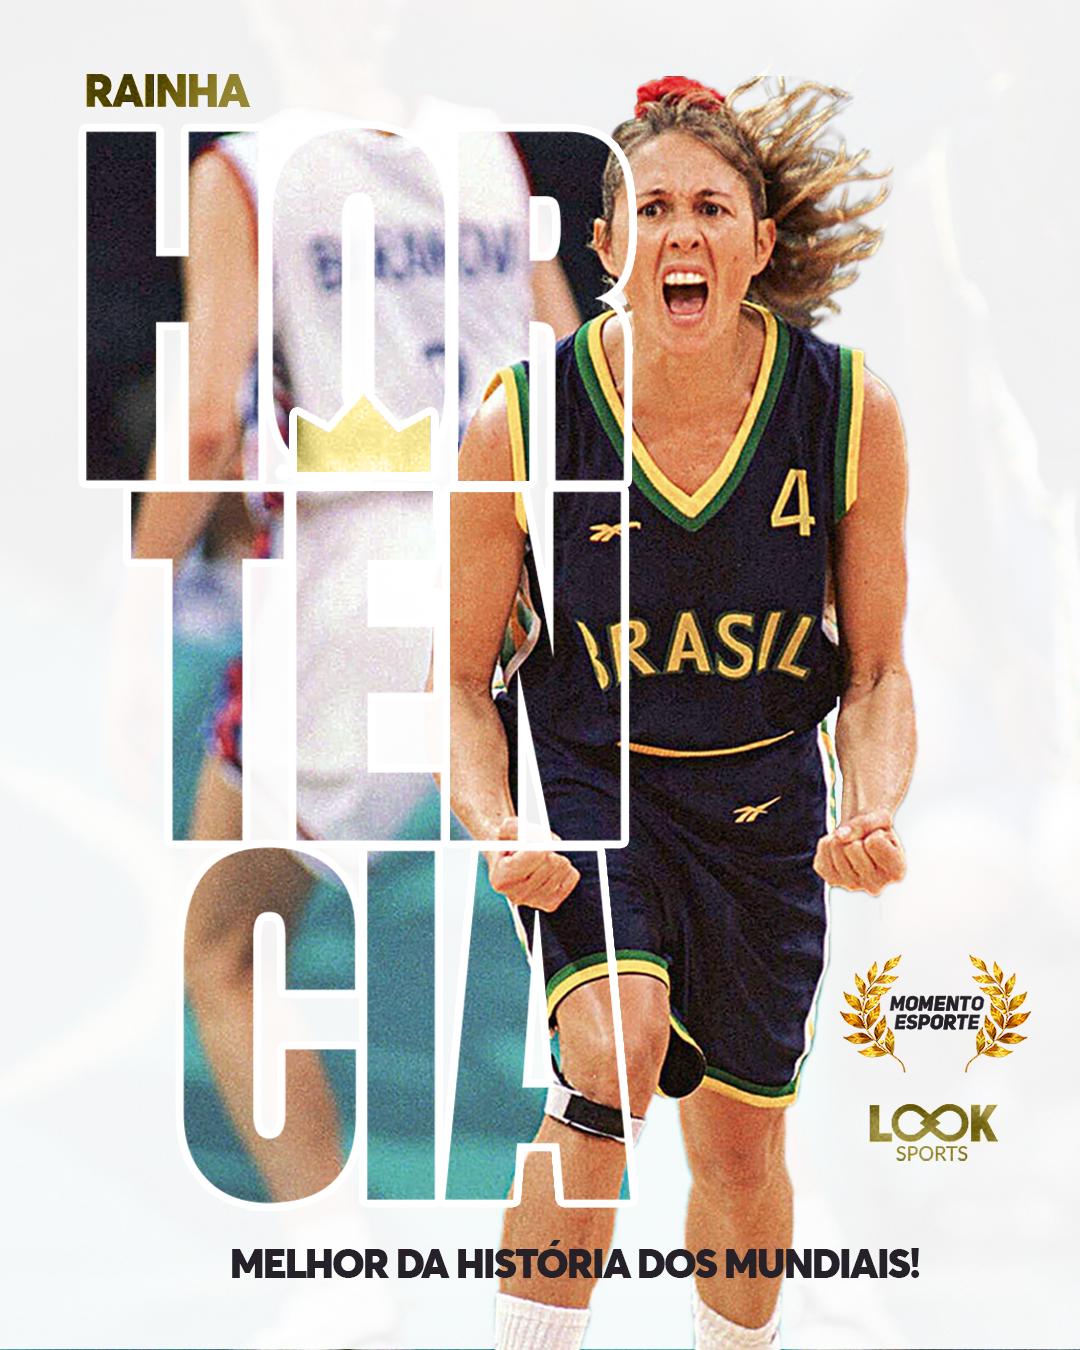 O momento esporte desta sexta-feira é especialmente dedicado à rainha do  basquete brasileiro  Hortência! A atleta brasileira Hortência foi eleita  nesta ... 6bb4de88b5b50